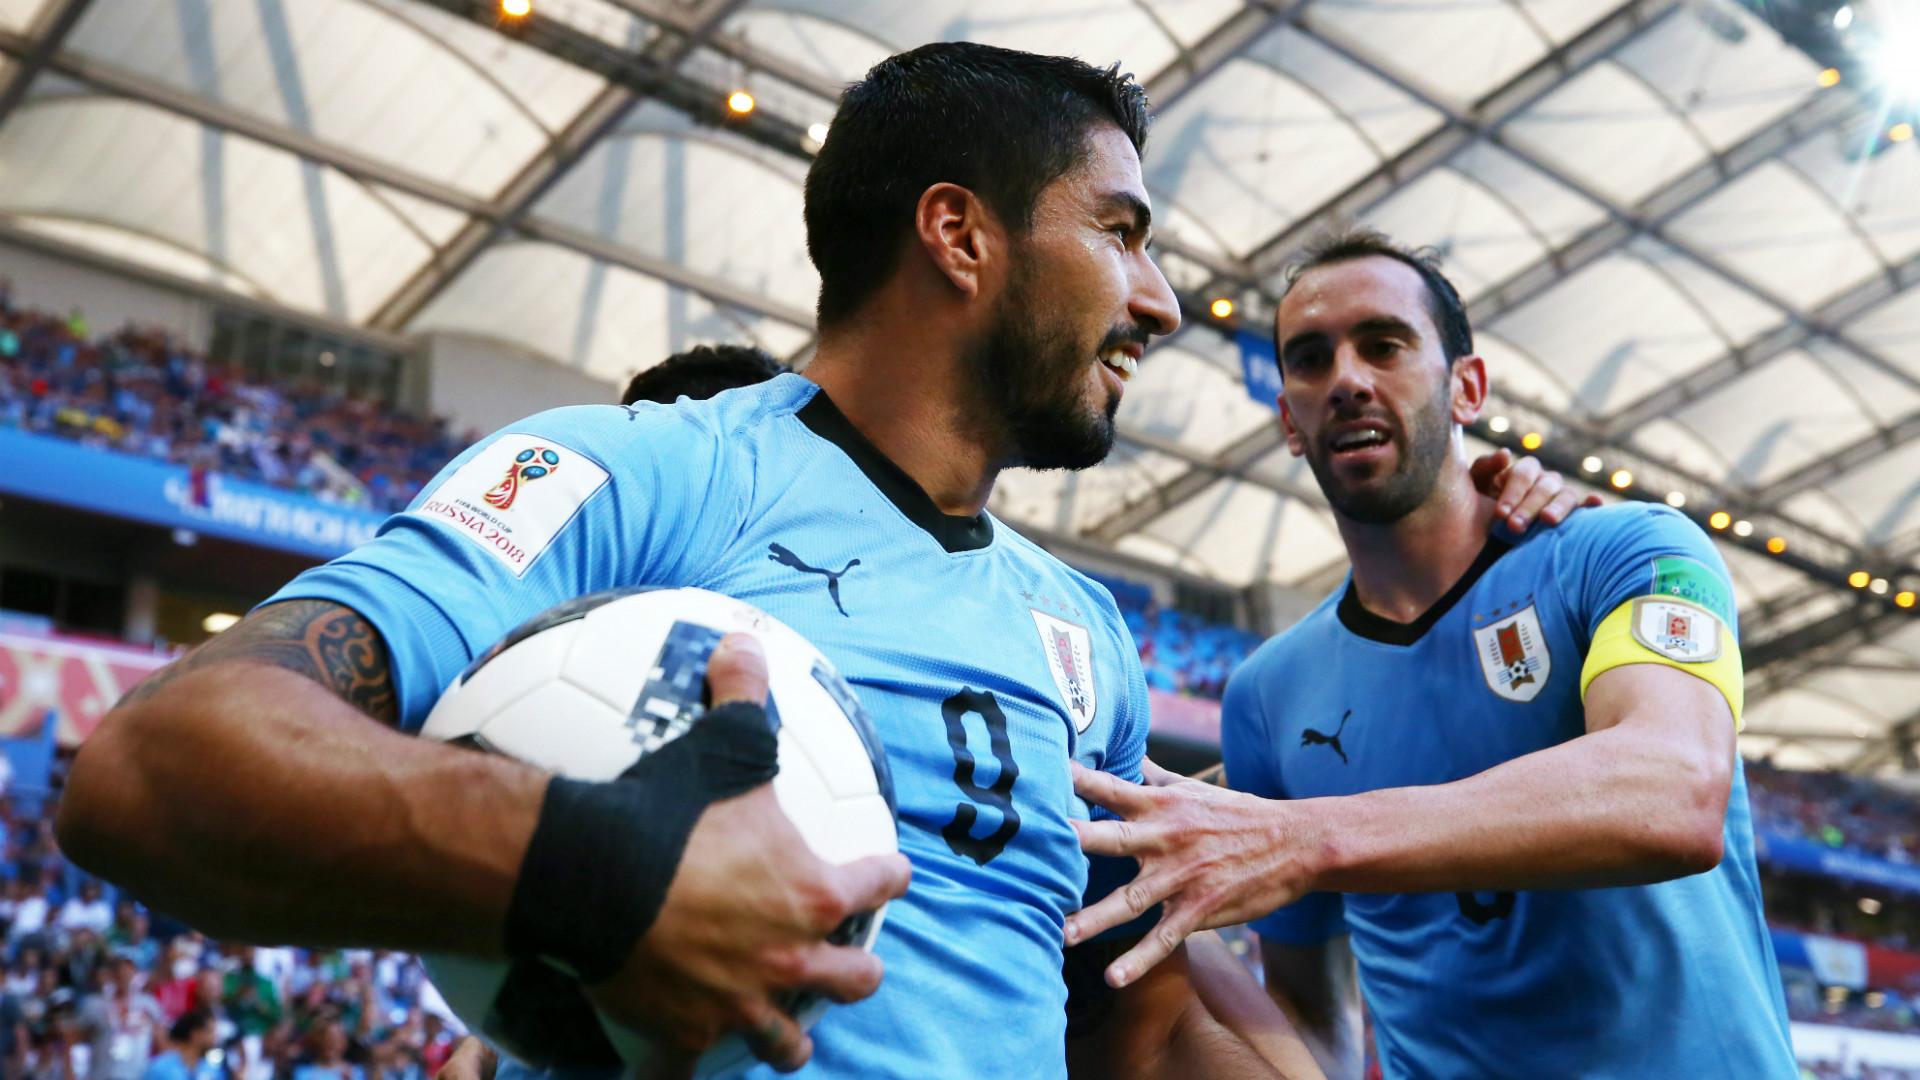 Histórico: el VAR protagonista negativo en la gran final del Mundial